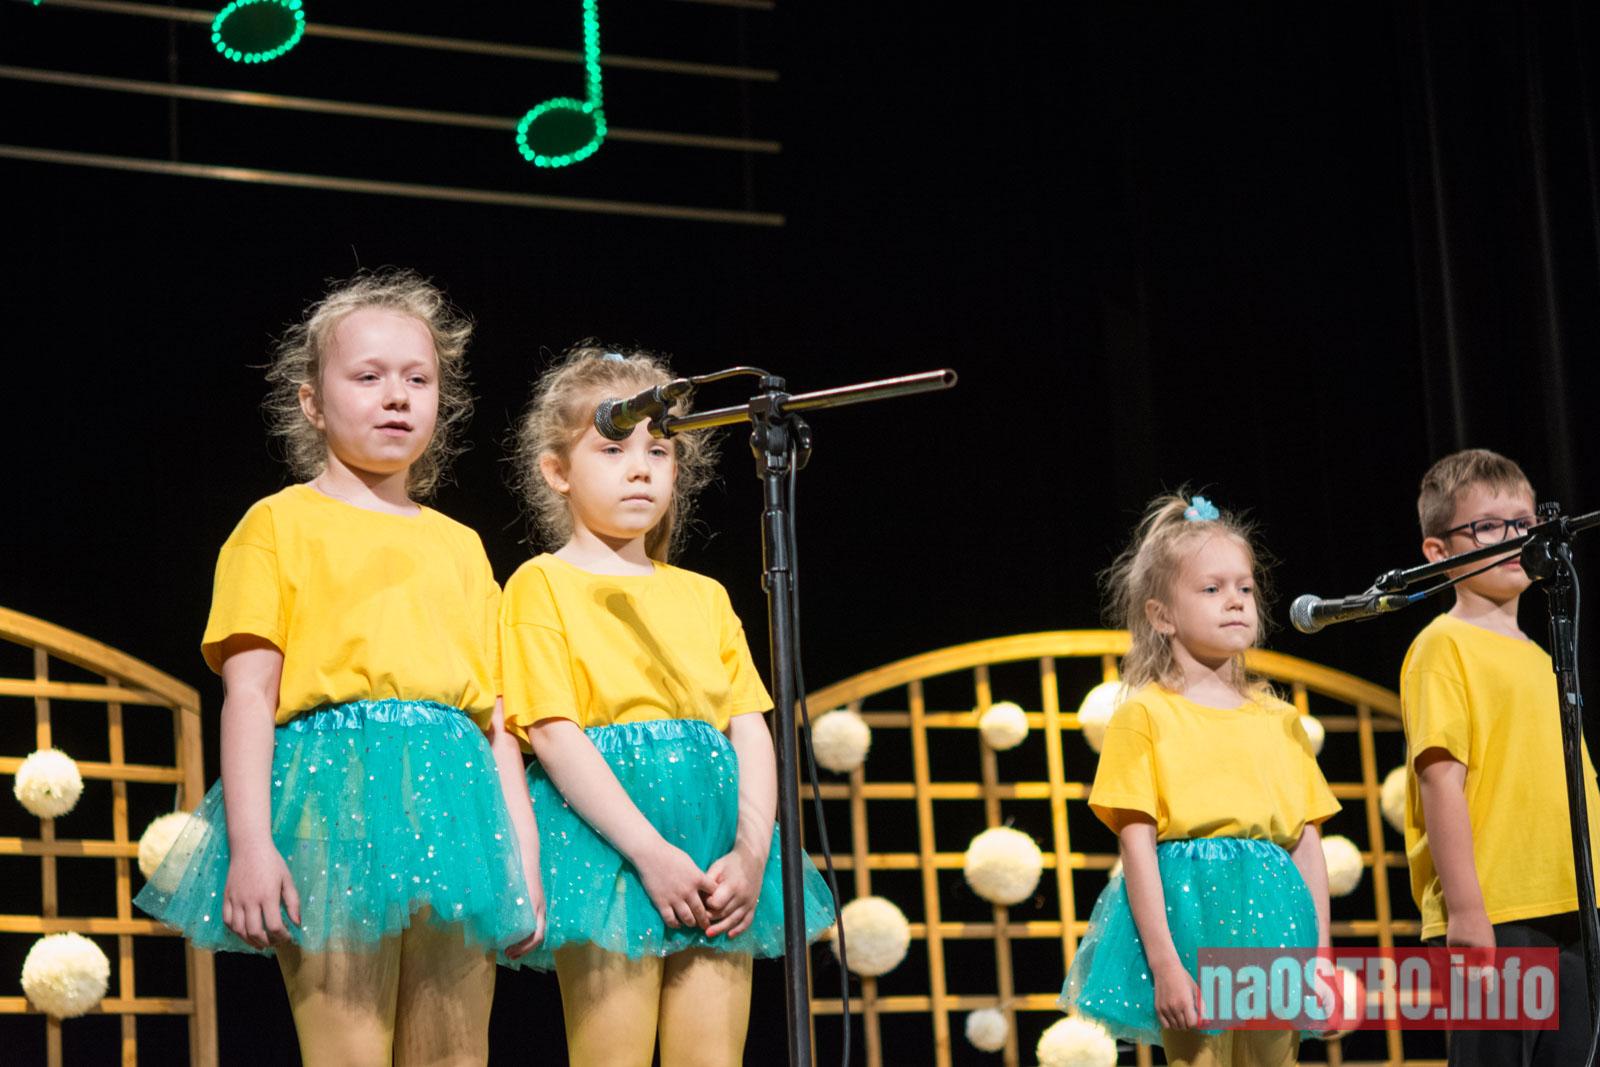 NaOSTRO festiwal piosenki-22